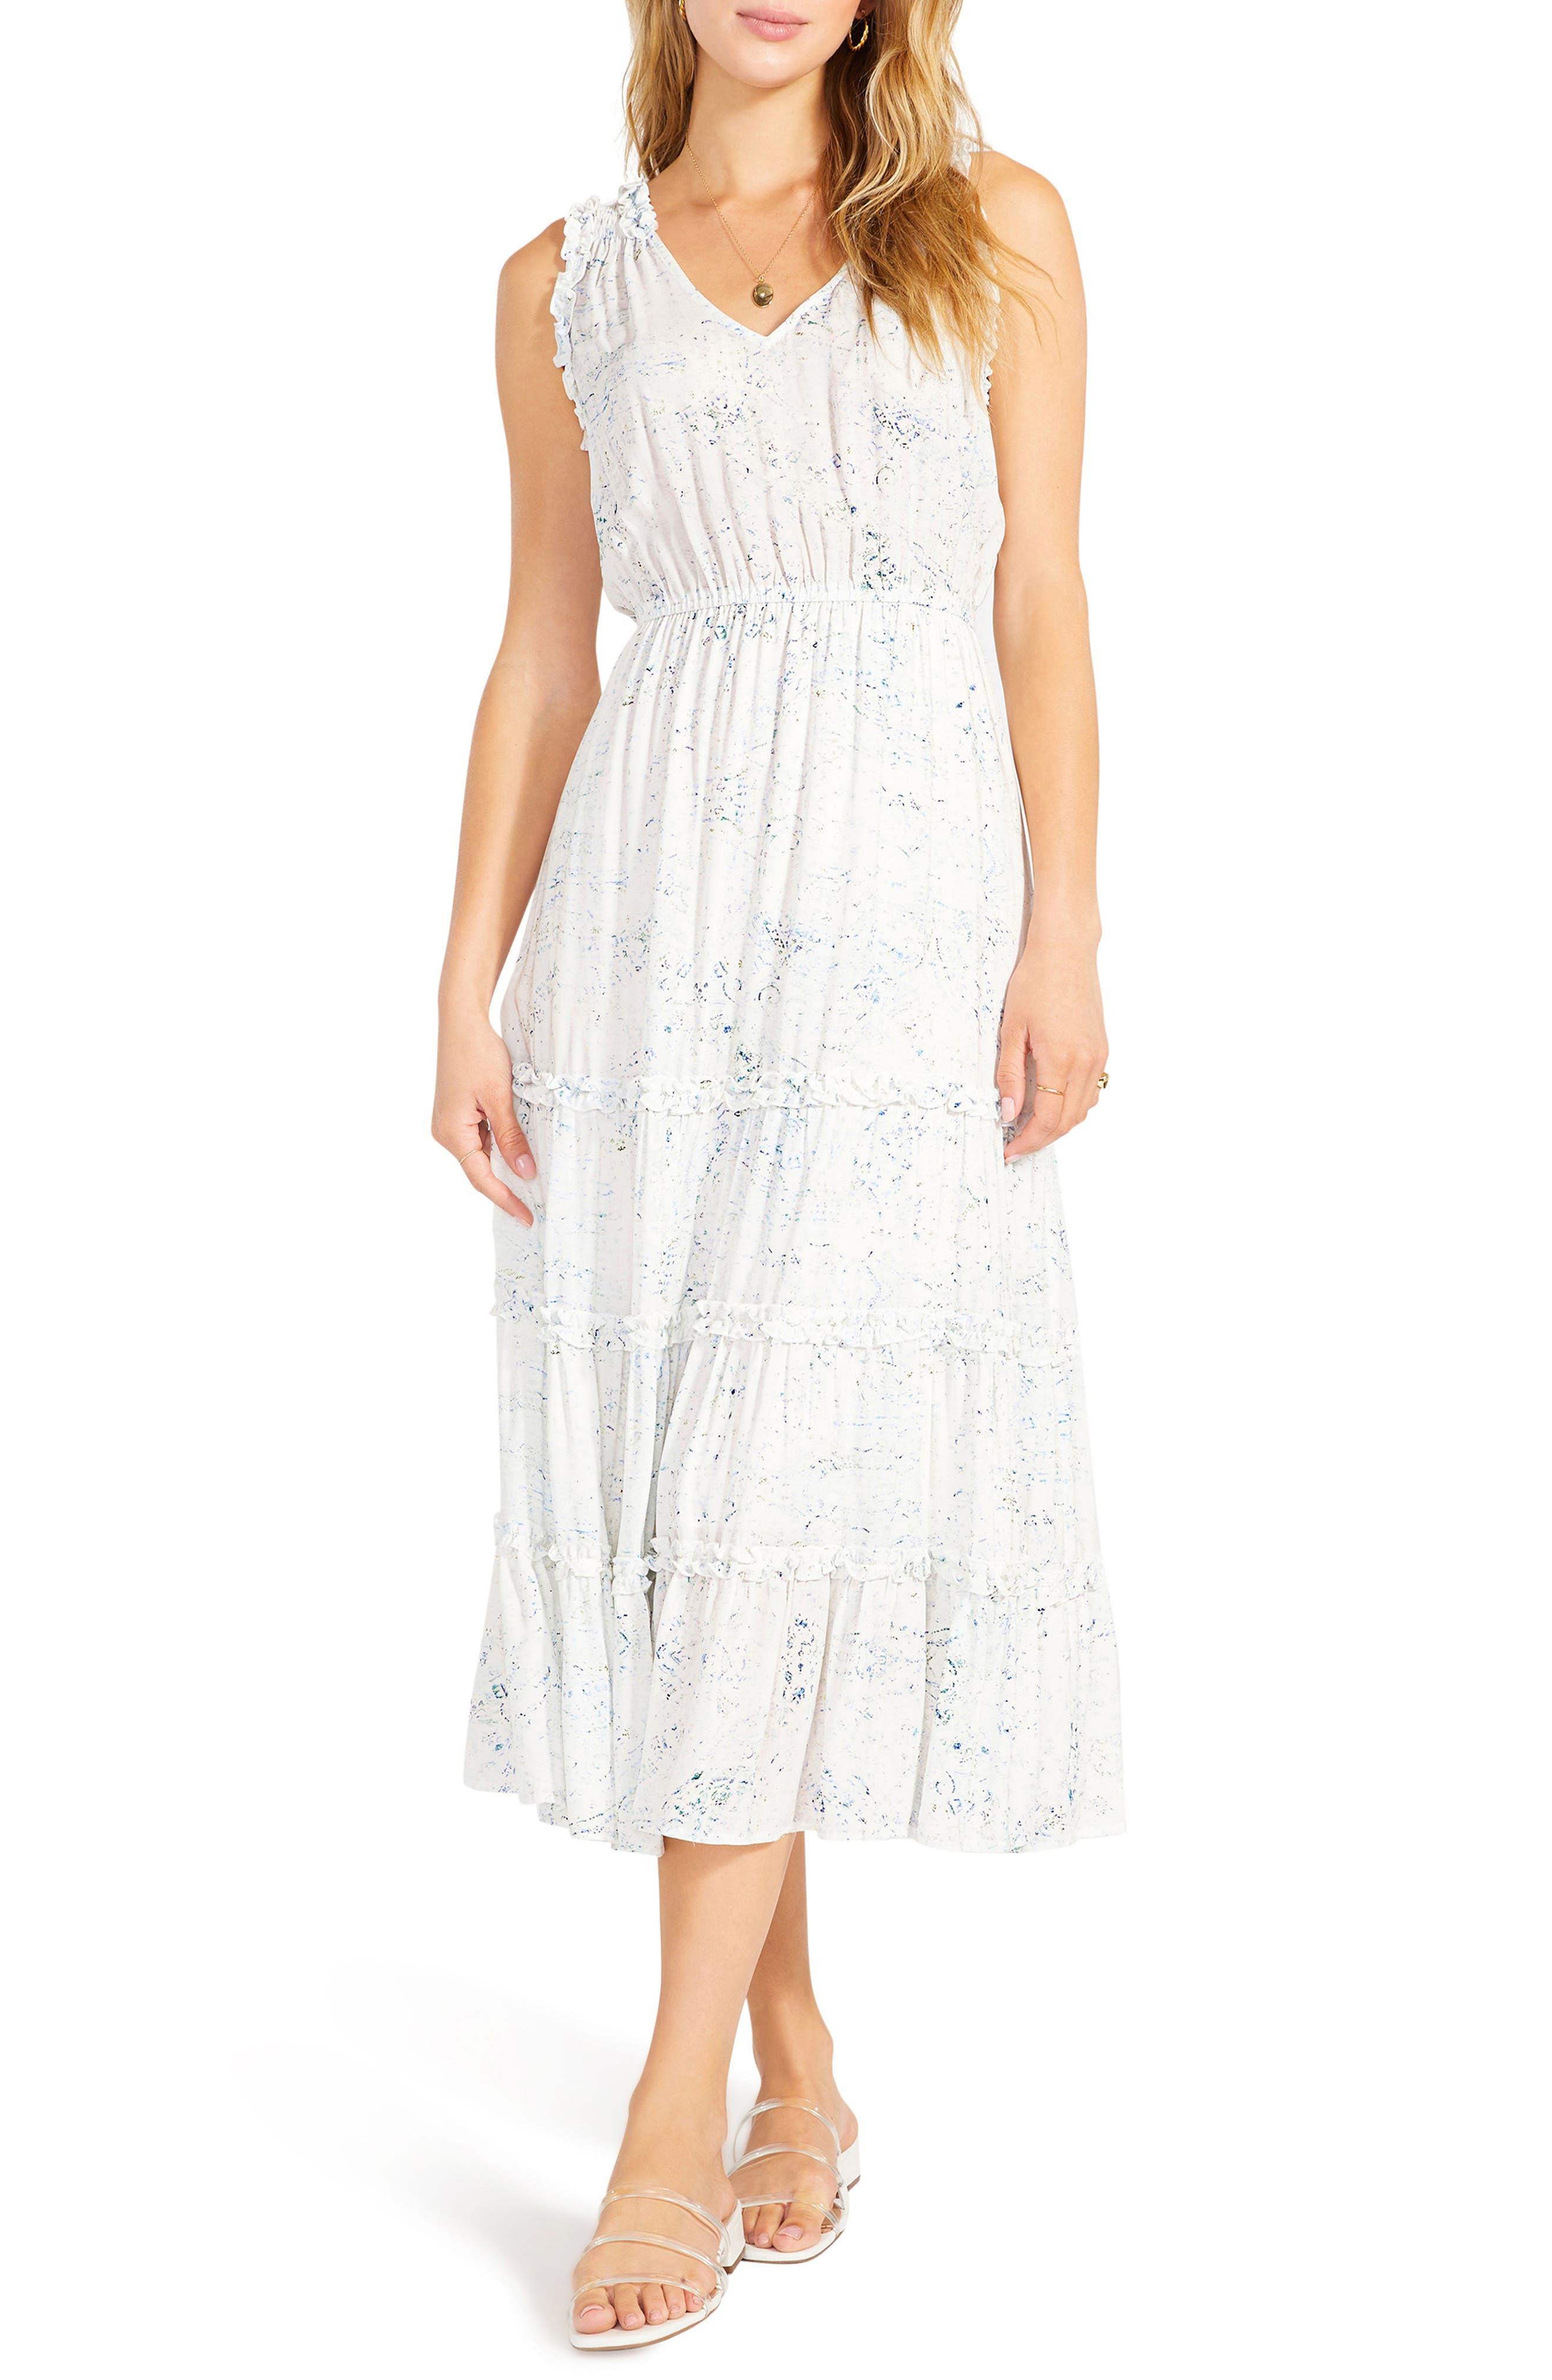 Crystal Clear Print Tiered Midi Dress